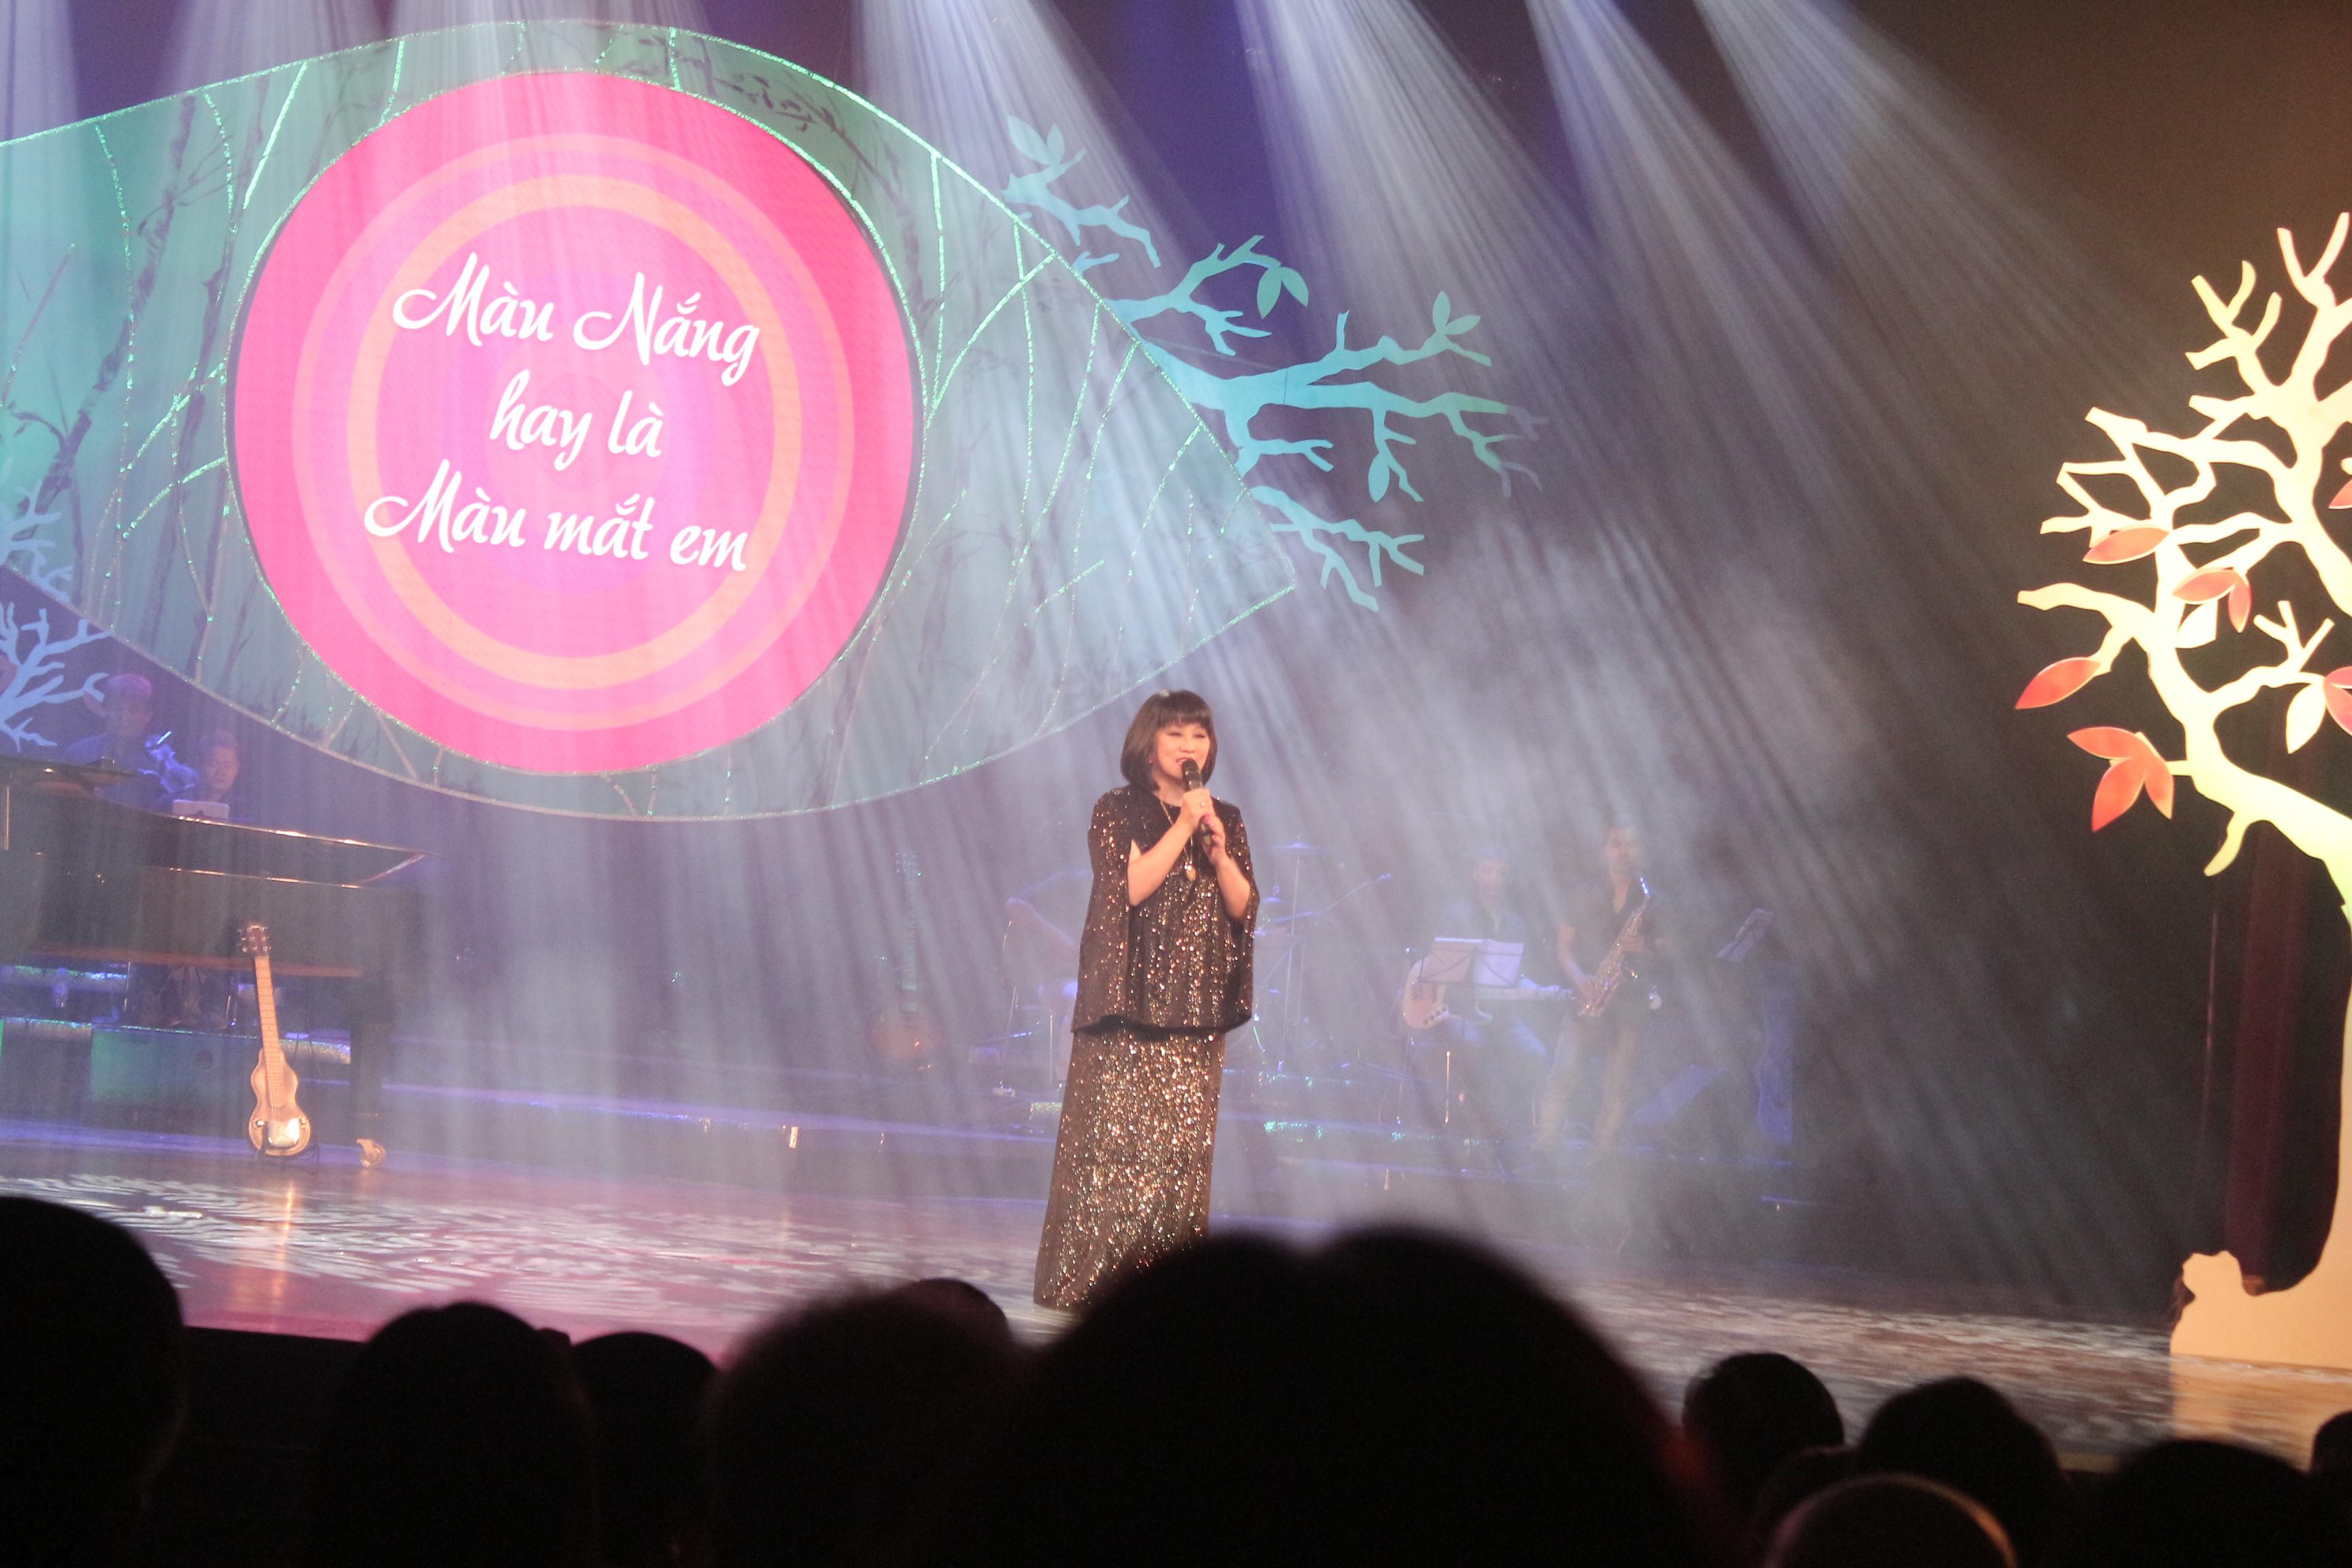 Mỹ Tâm gợi cảm với váy xẻ, Hồng Nhung trẻ như thiếu nữ trong đêm nhạc Trịnh 7